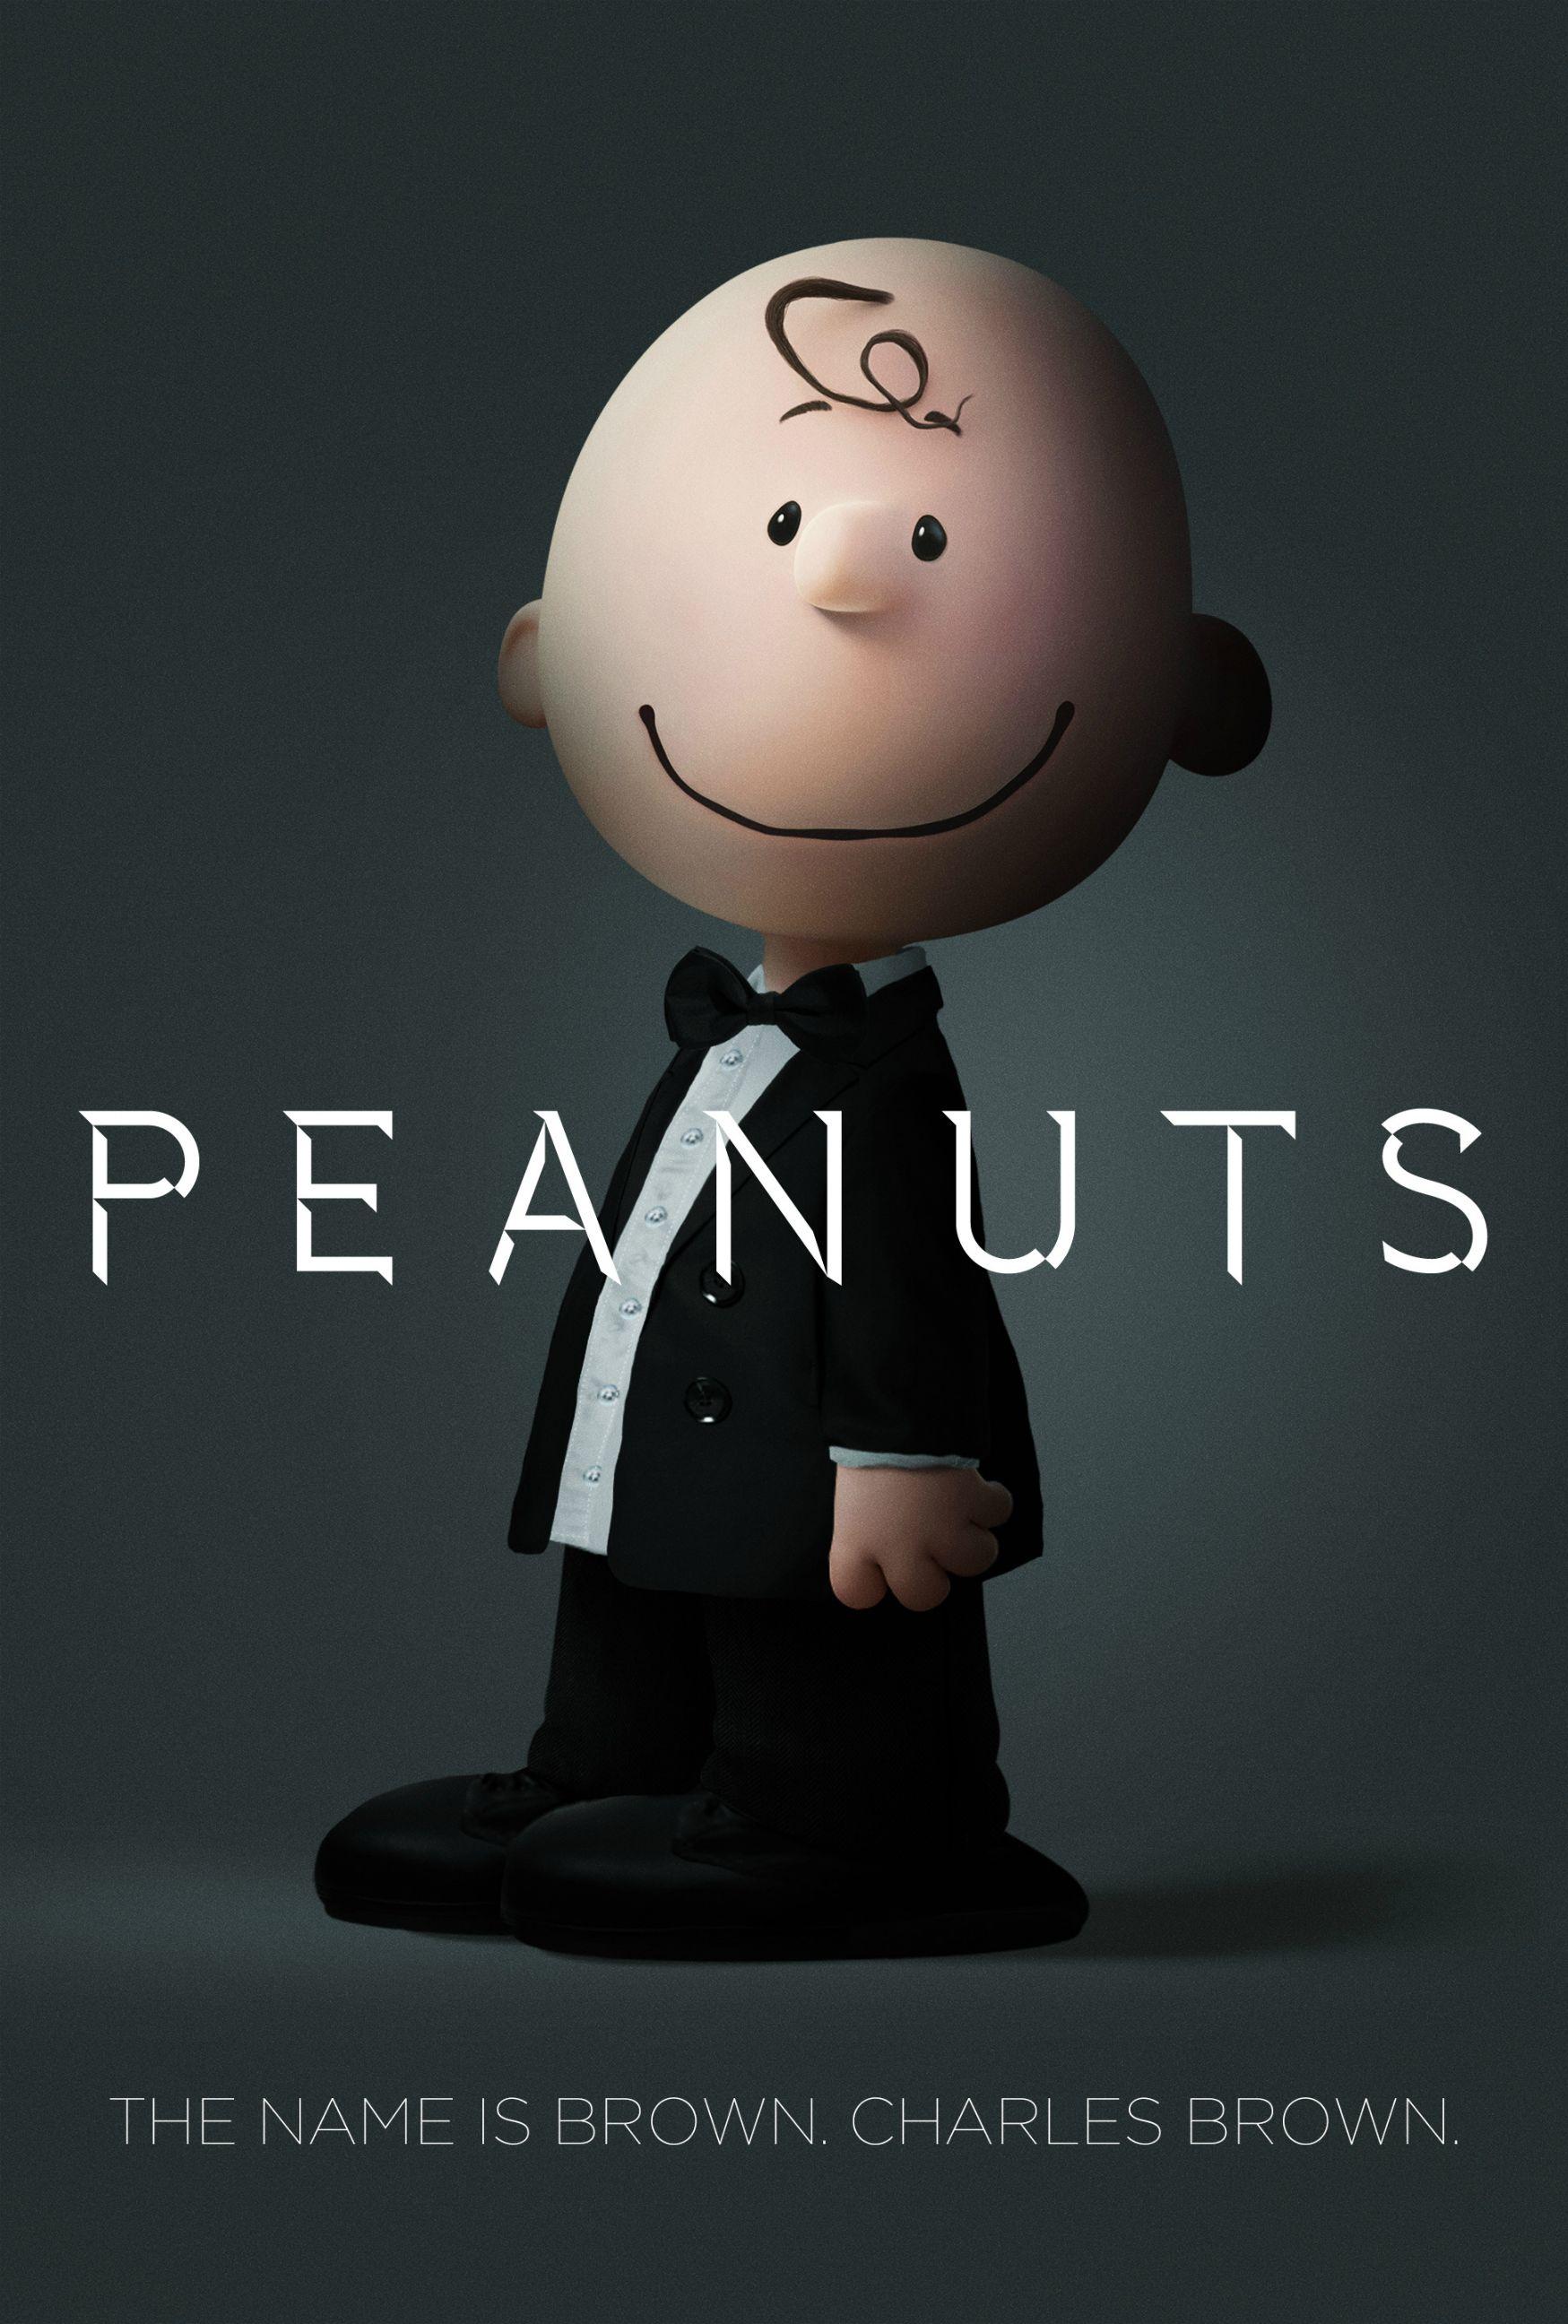 Snoopy & Friends: Charlie Brown in versione 007 nel poster parodia dei film di James Bond